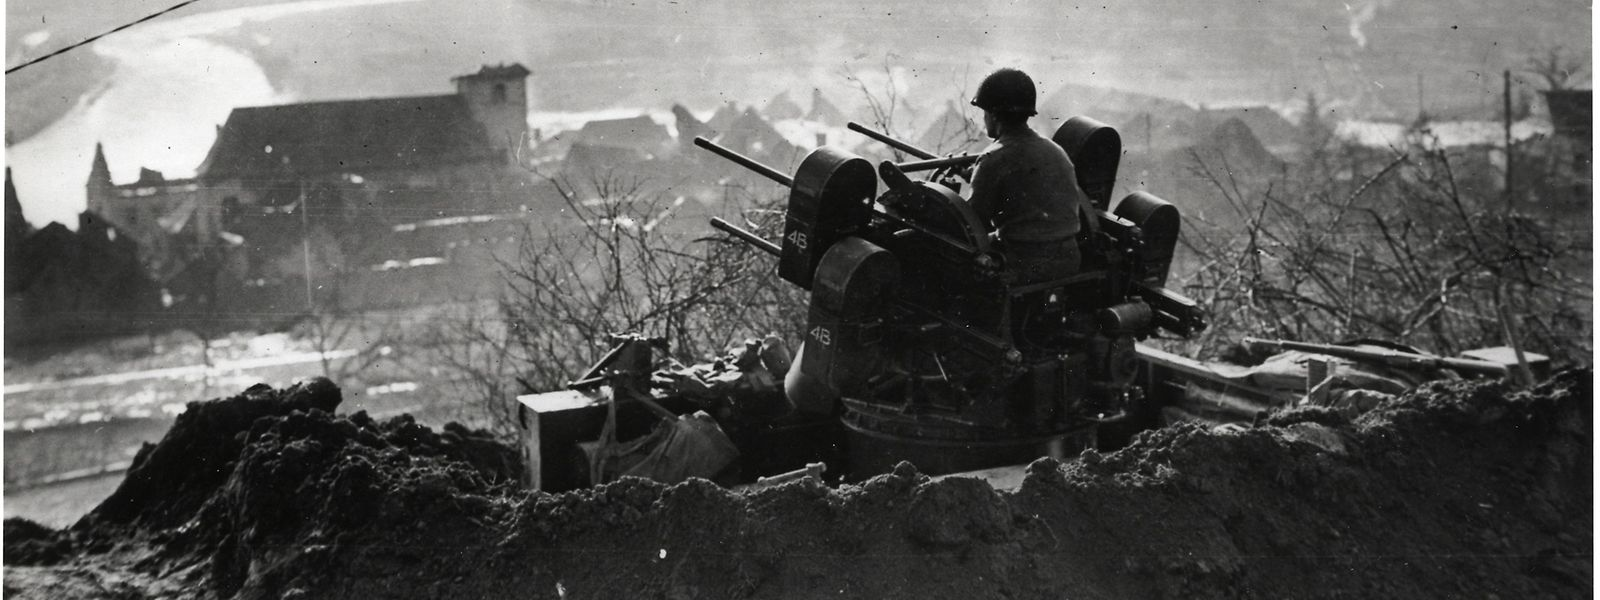 Im September 1944 gelingt es US-Truppen kurze Zeit, auch deutsches Territorium zu erobern. Das Bild zeigt ein Flakgeschütz hinter der deutschen Grenze bei Wallendorf  - auf der gegenüberliegenden Seite der Sauer (nicht im Bild) liegt das luxemburgische Wallendorferbrück.